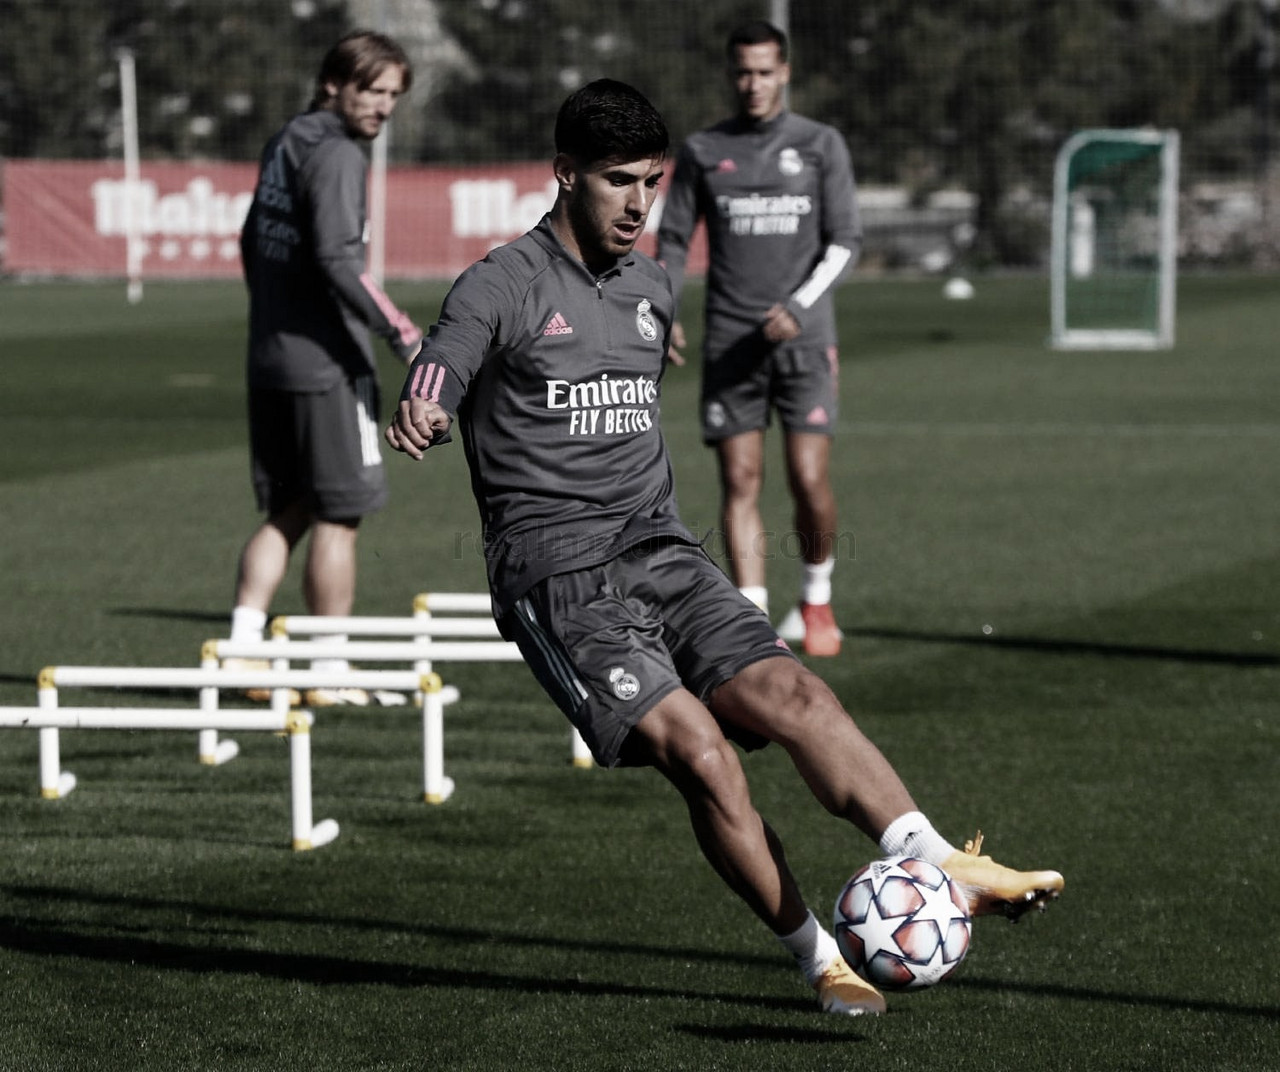 El Real Madrid se ejercitó para preparar el encuentro de Champions League | Foto: Real Madrid